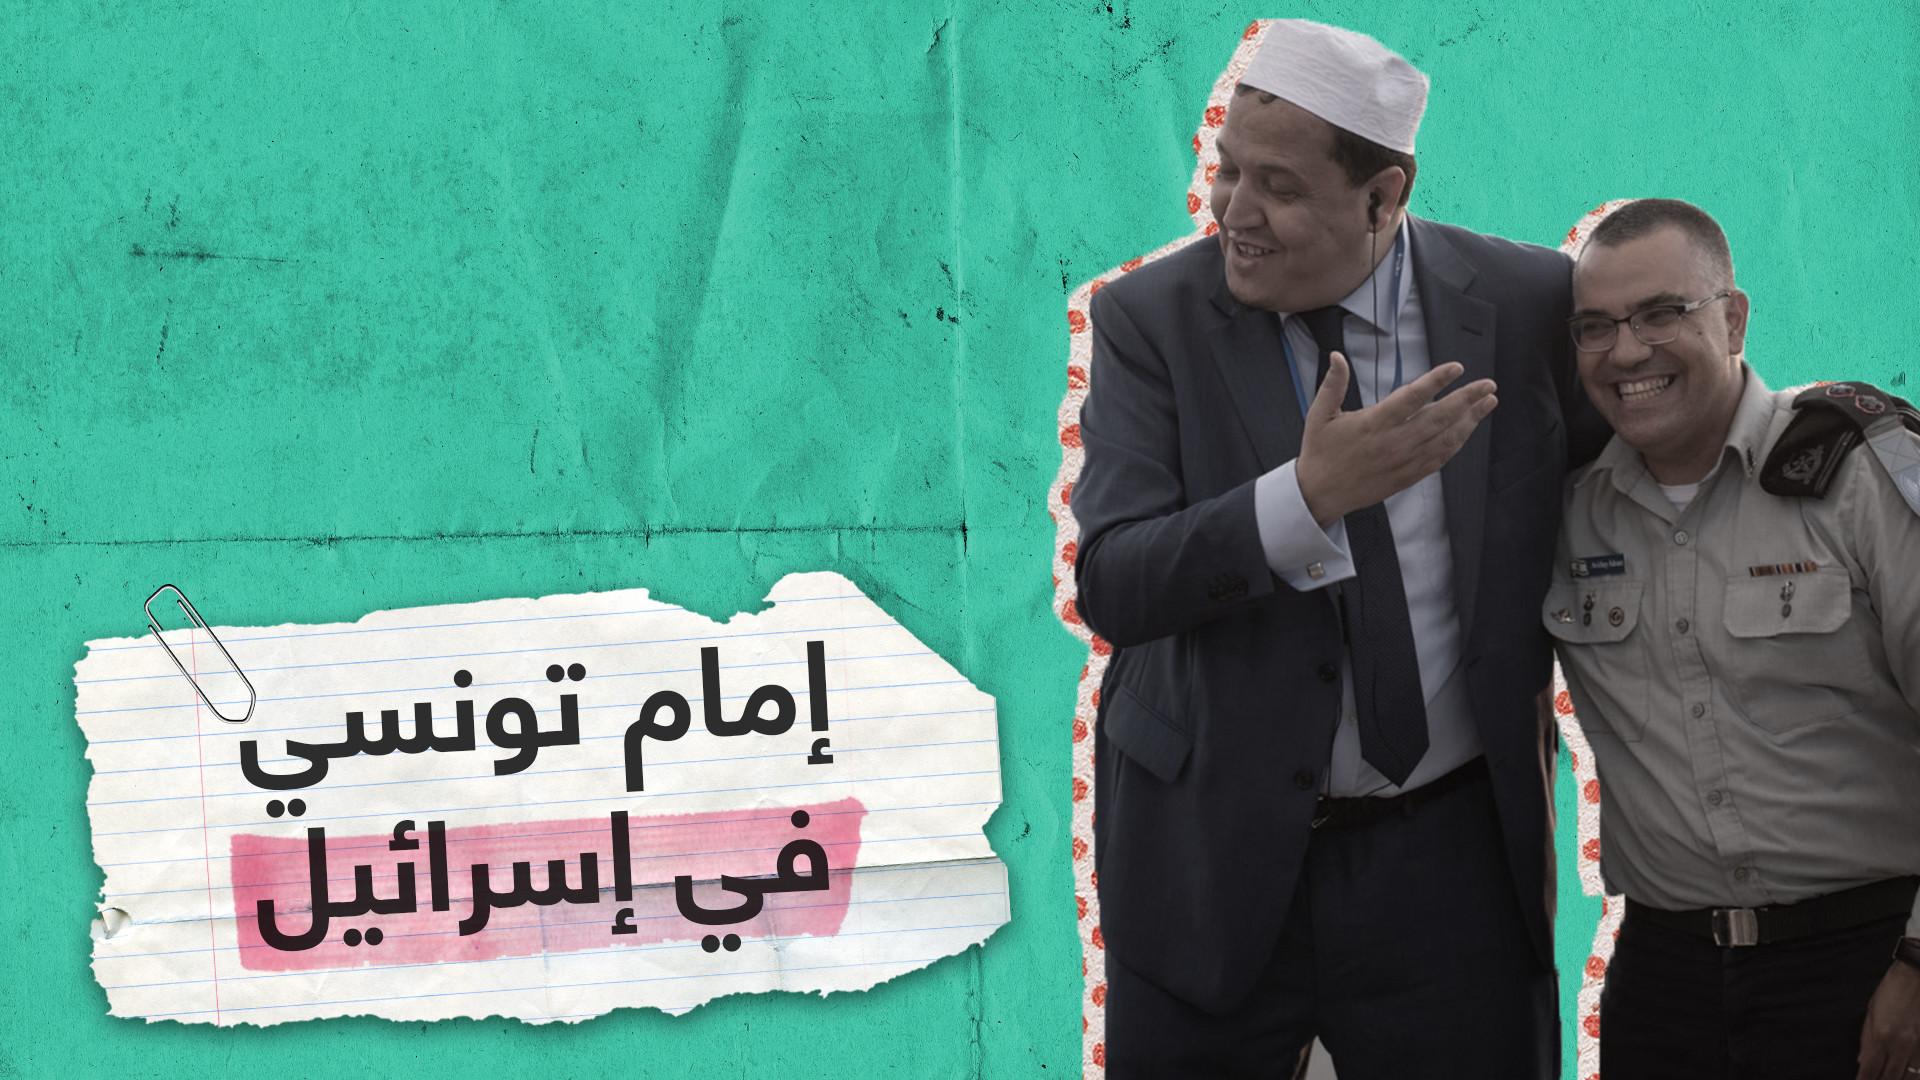 بالفيديو... إمام تونسي فرنسي يعانق جنودا إسرائيليين ويدعو لهم بالنصر !